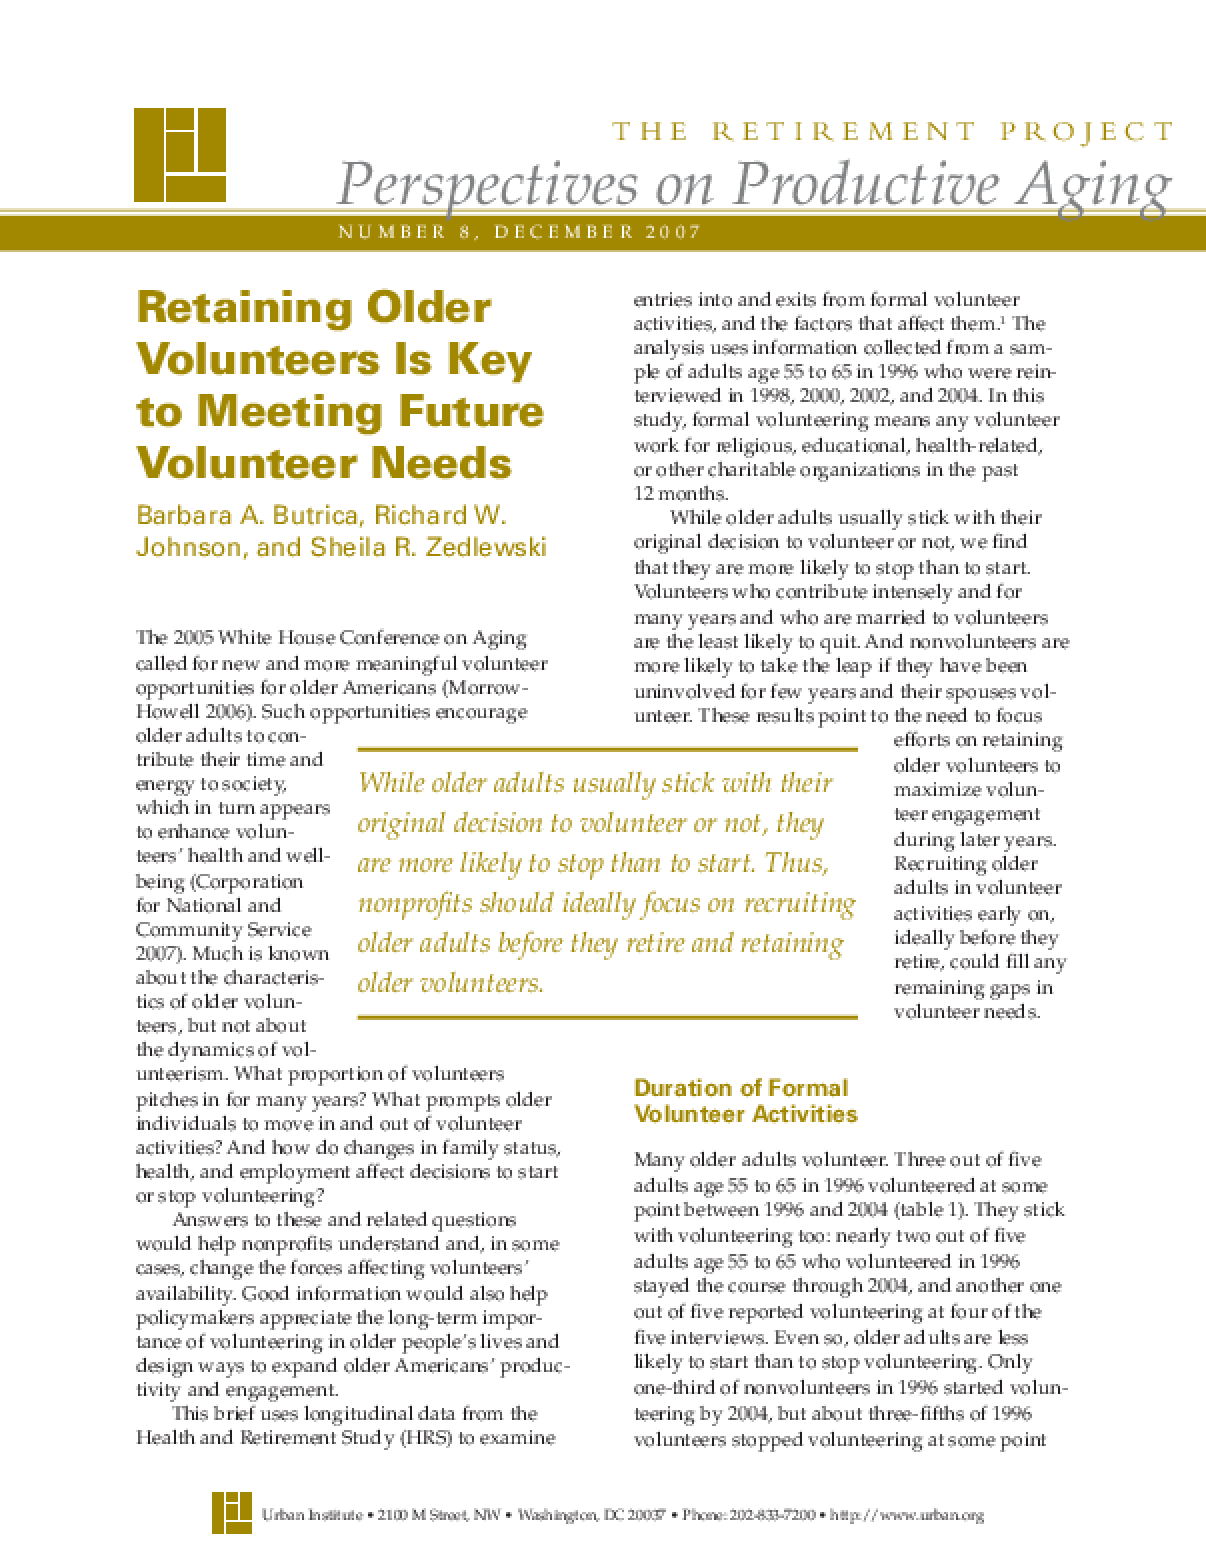 Retaining Older Volunteers Is Key to Meeting Future Volunteer Needs